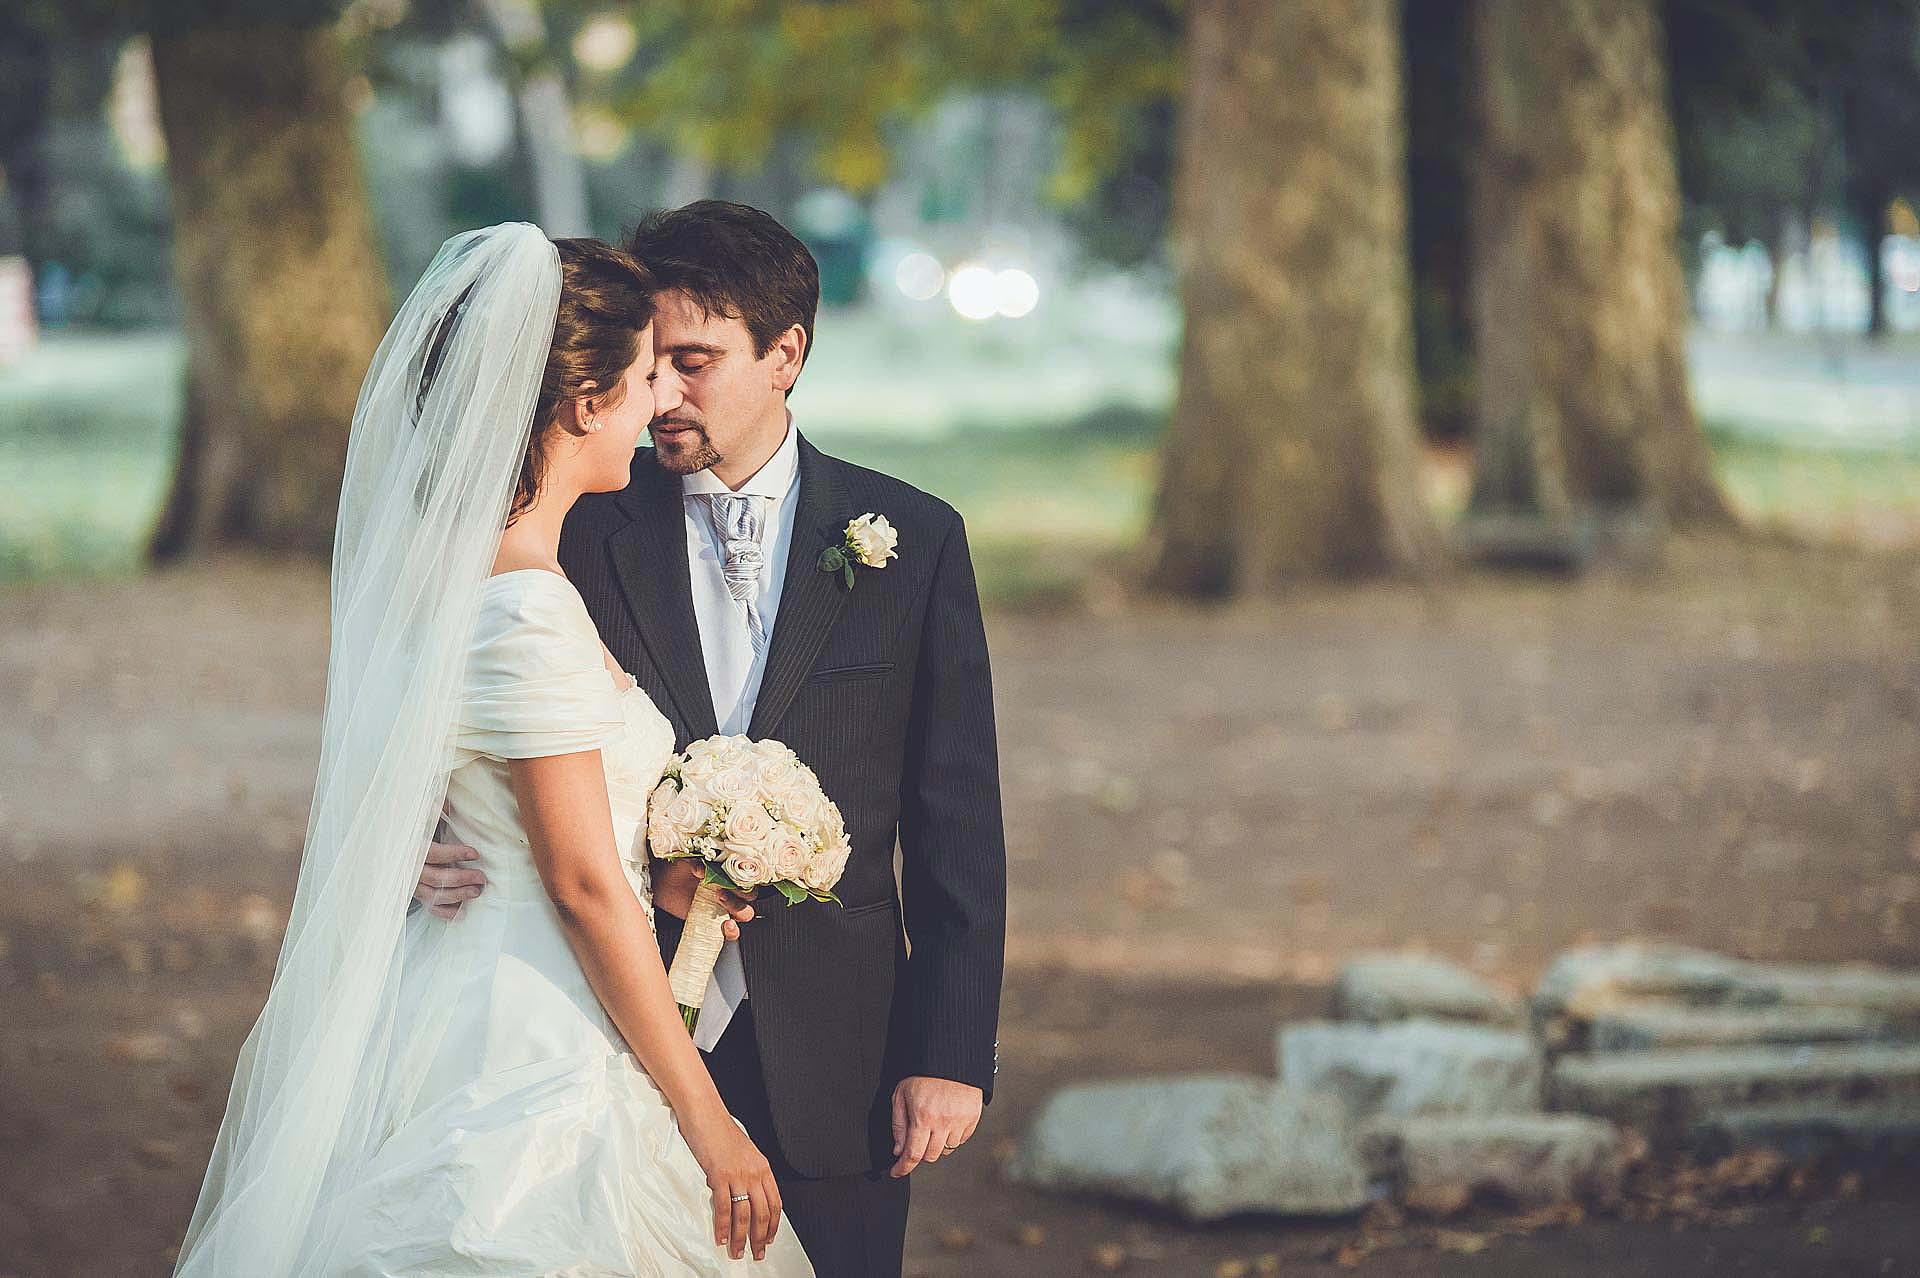 foto-ritratti-matrimonio-roma-4